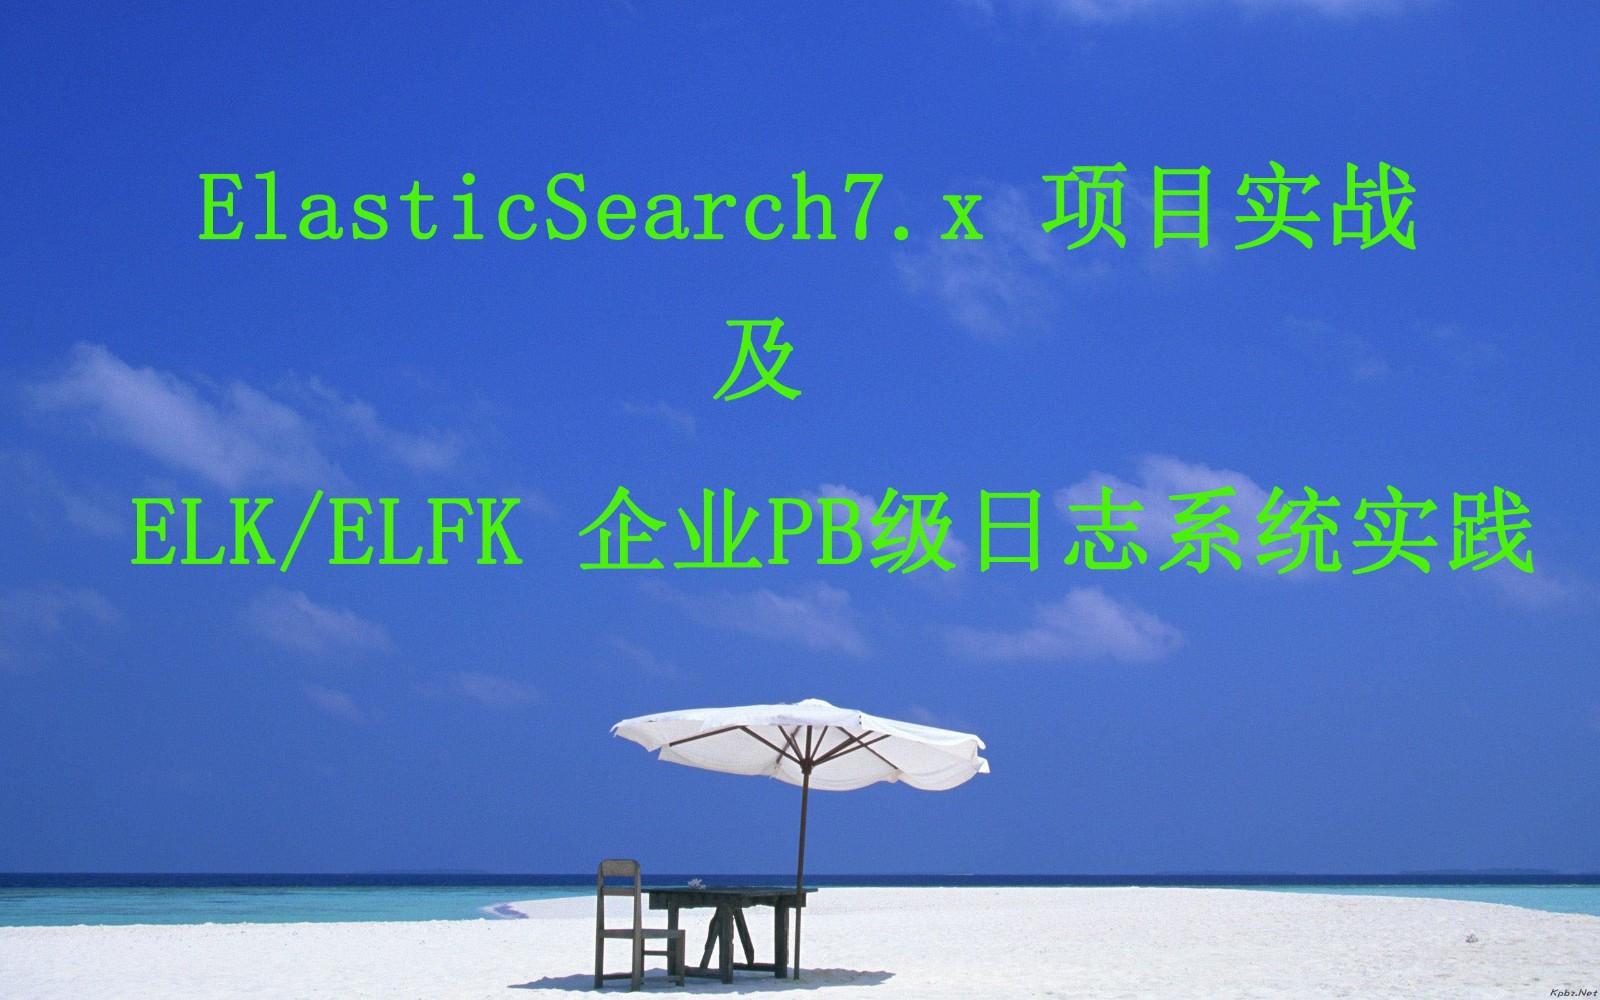 2020年 ELK/ELFK(7.3版本)企业PB级日志系统实战